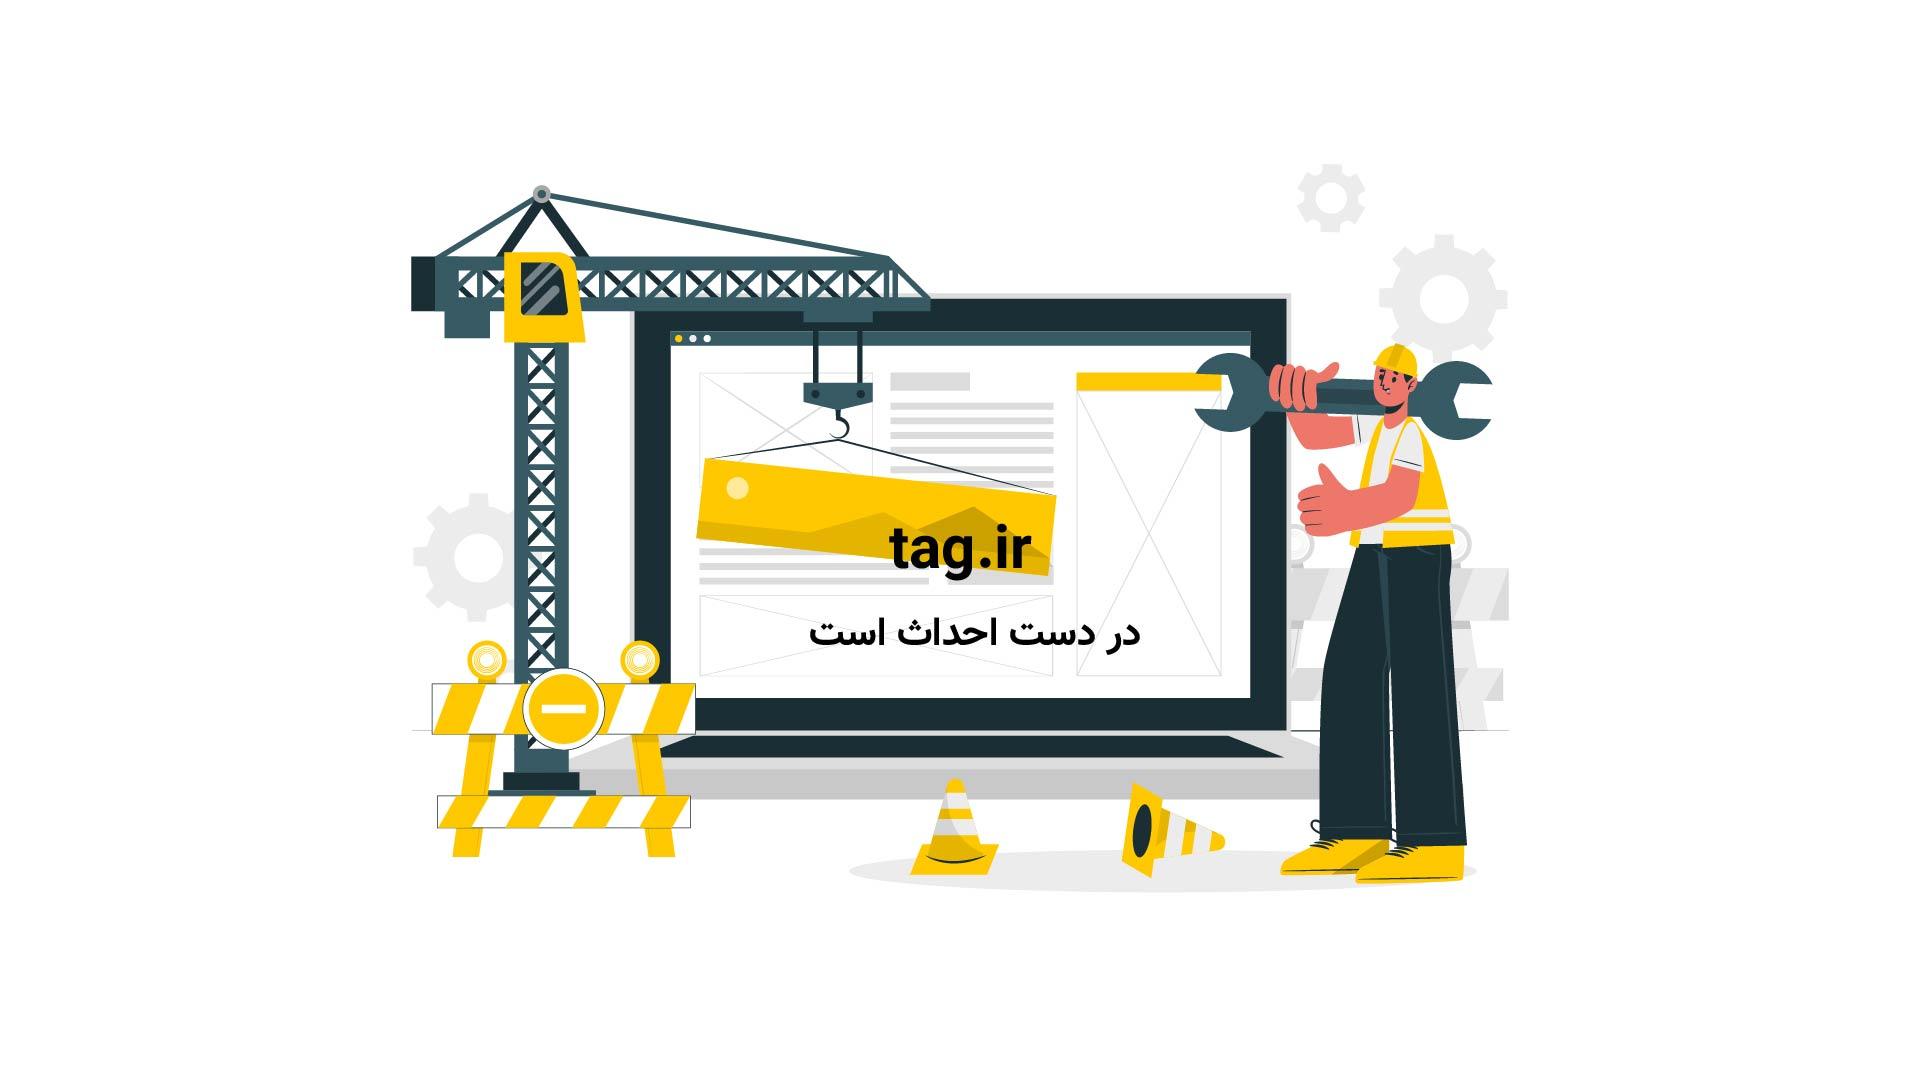 تصادف در شمال ایتالیا